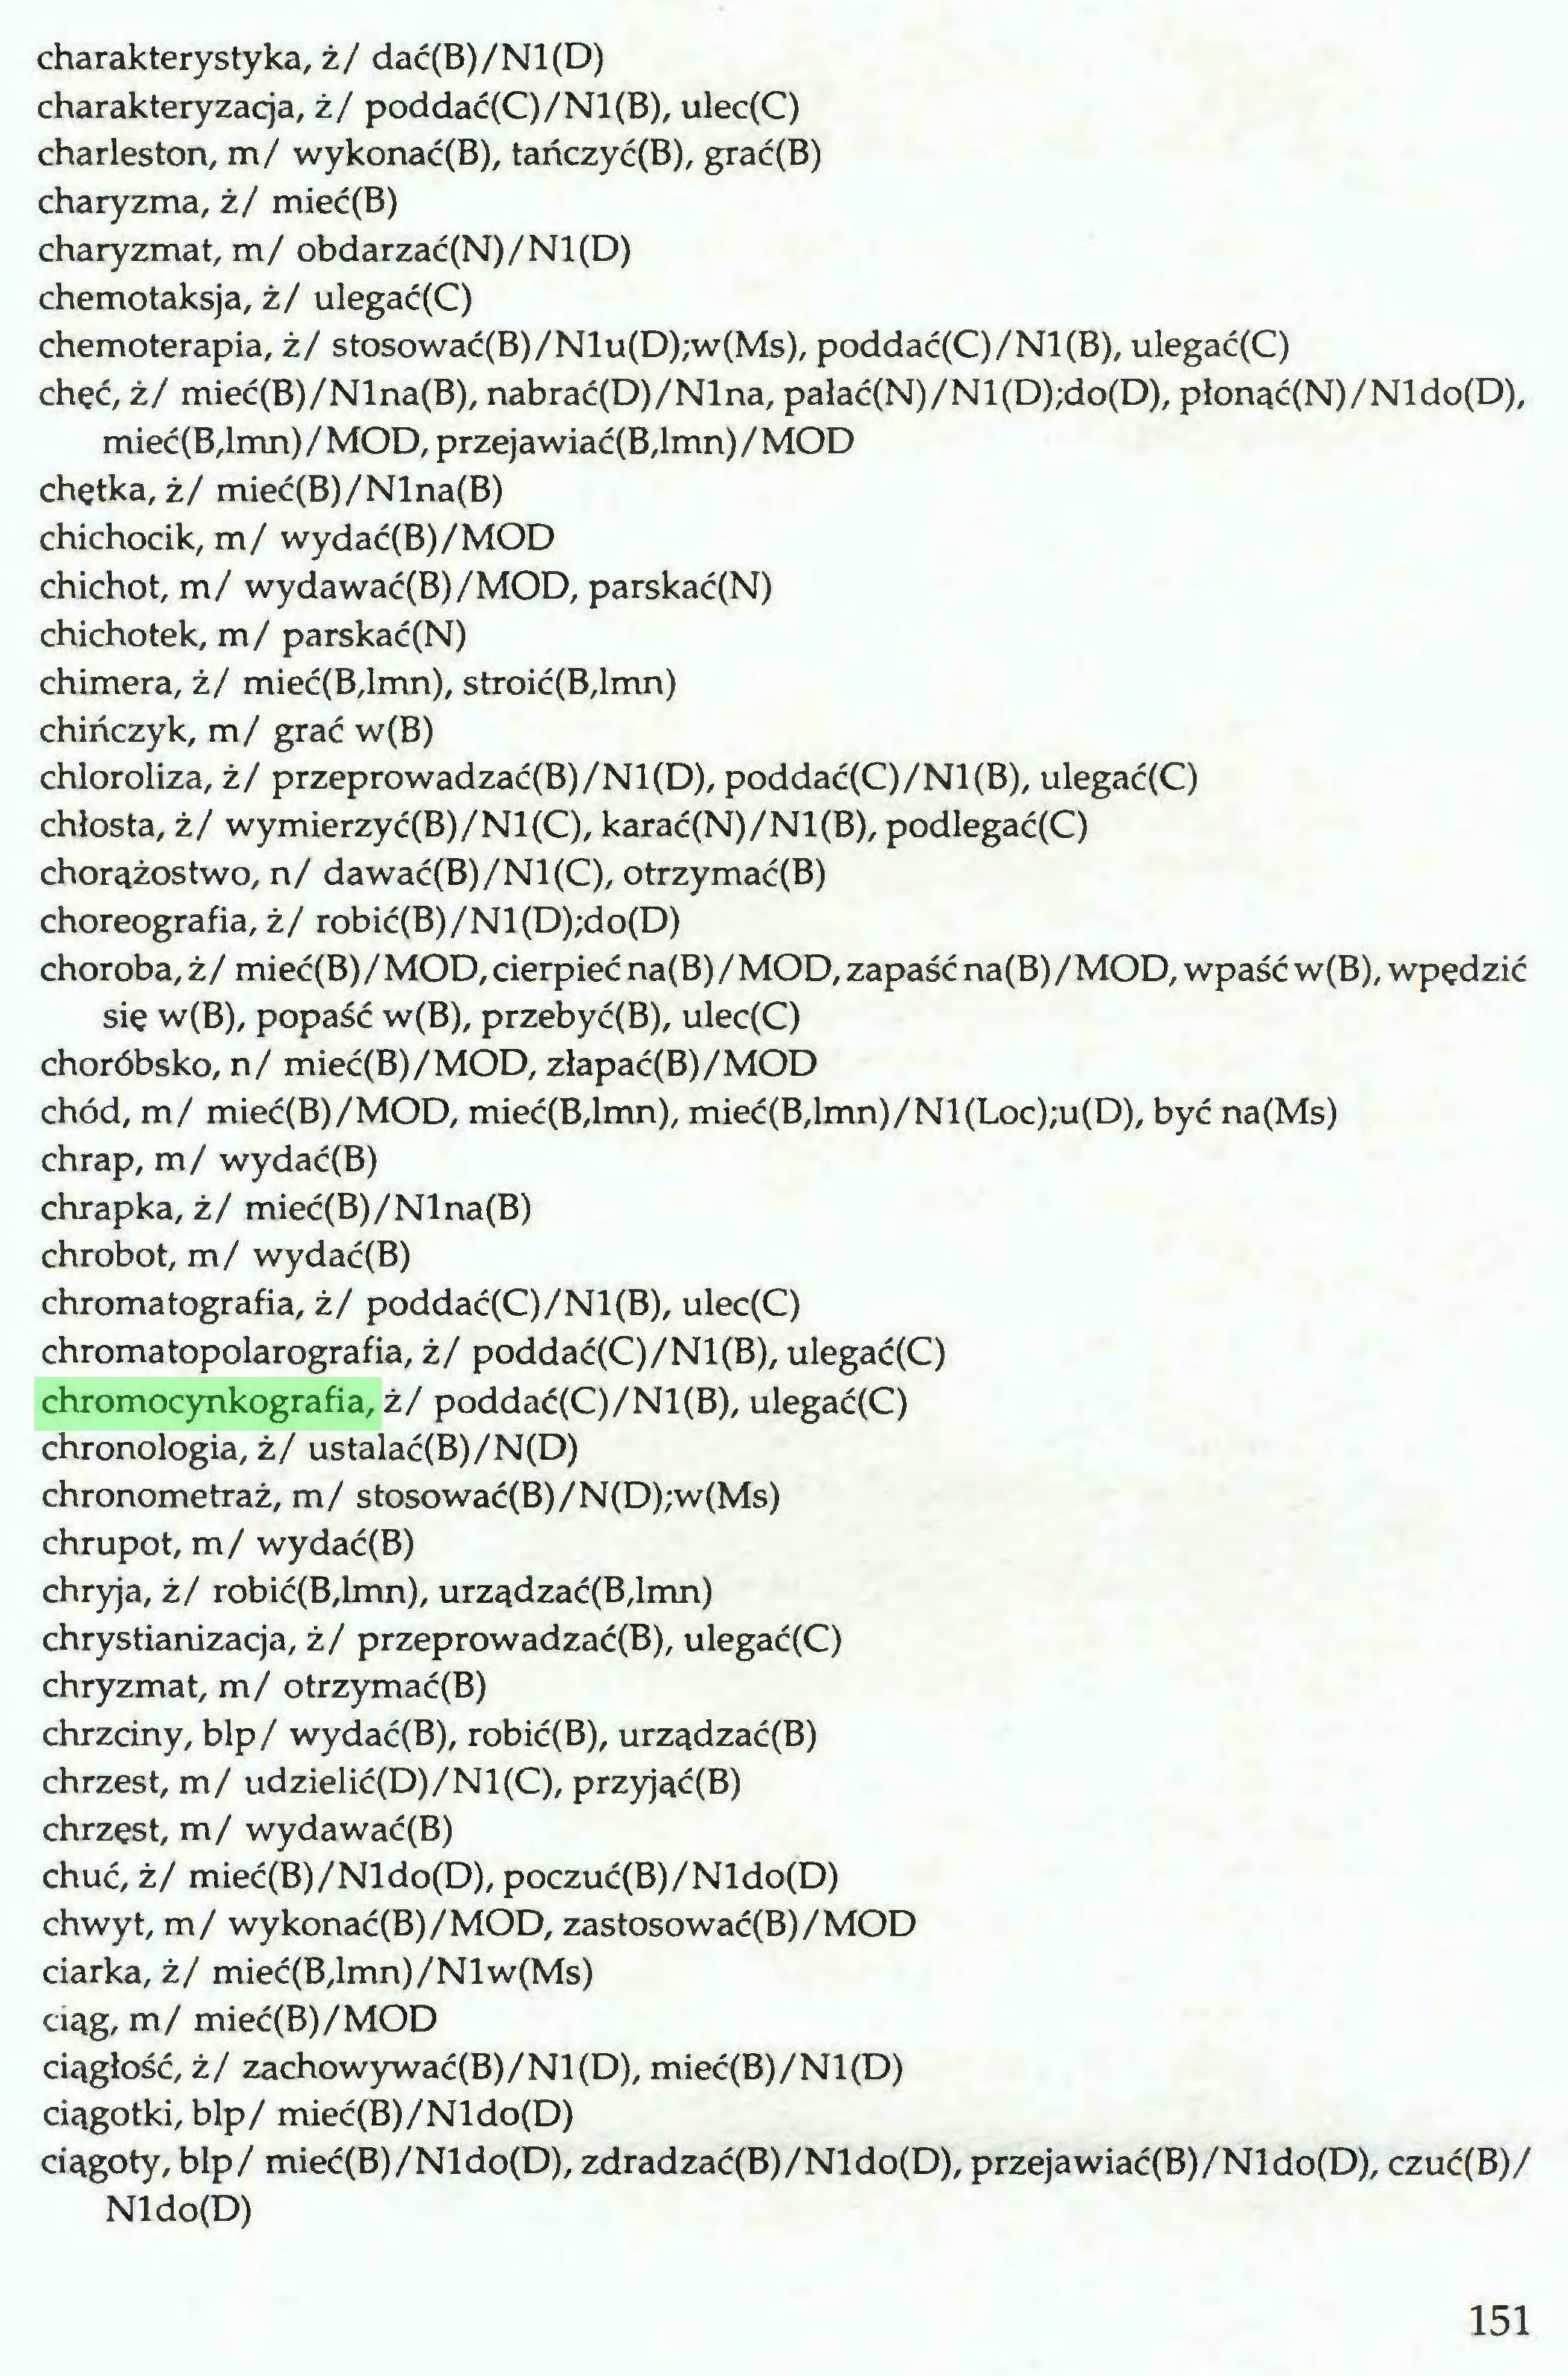 (...) charakterystyka, ż/ dać(B)/Nl(D) charakteryzacja, ż/ poddać(C)/Nl(B), ulec(C) charleston, m/ wykonać(B), tańczyć(B), grać(B) charyzma, ż/ mieć(B) charyzmat, m/ obdarzać(N)/Nl(D) chemotaksja, ż/ ulegać(C) chemoterapia, ż/ stosować(B)/Nlu(D);w(Ms), poddać(C)/Nl(B), ulegać(C) chęć, ż/ mieć(B)/Nlna(B), nabrać(D)/Nlna, pałać(N)/Nl(D);do(D), płonąć(N)/Nldo(D), mieć(B,lmn) / MOD, przeja wiać(B,lmn) / MOD chętka, ż/ mieć(B)/Nlna(B) chichocik, m/ wydać(B)/MOD chichot, m/ wydawać(B)/MOD, parskać(N) chichotek, m/ parskać(N) chimera, ż/ mieć(B,lmn), stroić(B,lmn) chińczyk, m/ grać w(B) chloroliza, ż/ przeprowadzać(B)/Nl(D), poddać(C)/Nl(B), ulegać(C) chłosta, ż/ wymierzyć(B)/Nl(C), karać(N)/Nl(B), podlegać(C) chorążostwo, n/ dawać(B)/Nl(C), otrzymać(B) choreografia, ż/ robić(B)/Nl(D);do(D) choroba, ż/ mieć(B) / MOD, cierpieć na(B) / MOD, zapaść na(B) /MOD, wpaść w(B), wpędzić się w(B), popaść w(B), przebyć(B), ulec(C) choróbsko, n/ mieć(B)/MOD, złapać(B)/MOD chód, m/ mieć(B)/MOD, mieć(B,lmn), mieć(B,lmn)/Nl(Loc);u(D), być na(Ms) chrap, m/ wydać(B) chrapka, ż/ mieć(B)/Nlna(B) chrobot, m/ wydać(B) chromatografia, ż/ poddać(C)/Nl(B), ulec(C) chromatopolarografia, ż/ poddać(C)/Nl(B), ulegać(C) chromocynkografia, ż/ poddać(C)/Nl(B), ulegać(C) chronologia, ż/ ustalać(B)/N(D) chronometraż, m/ stosować(B)/N(D);w(Ms) chrupot, m/ wydać(B) chryja, ż/ robić(B,lmn), urządzać(B,lmn) chrystianizacja, ż/ przeprowadzać(B), ulegać(C) chryzmat, m/ otrzymać(B) chrzciny, blp/ wydać(B), robić(B), urządzać(B) chrzest, m/ udzielić(D)/Nl(C), przyjąć(B) chrzęst, m/ wydawać(B) chuć, ż/ mieć(B)/Nldo(D), poczuć(B)/Nldo(D) chwyt, m/ wykonać(B)/MOD, zastosować(B)/MOD ciarka, ż/ mieć(B,lmn)/Nlw(Ms) ciąg, m/ mieć(B)/MOD ciągłość, ż/ zachowywać(B)/Nl(D), mieć(B)/Nl(D) ciągotki, blp/ mieć(B)/Nldo(D) ciągoty, blp/ mieć(B)/Nldo(D), zdradzać(B)/Nldo(D), przejawiać(B)/Nldo(D), czuć(B)/ Nldo(D) 151...